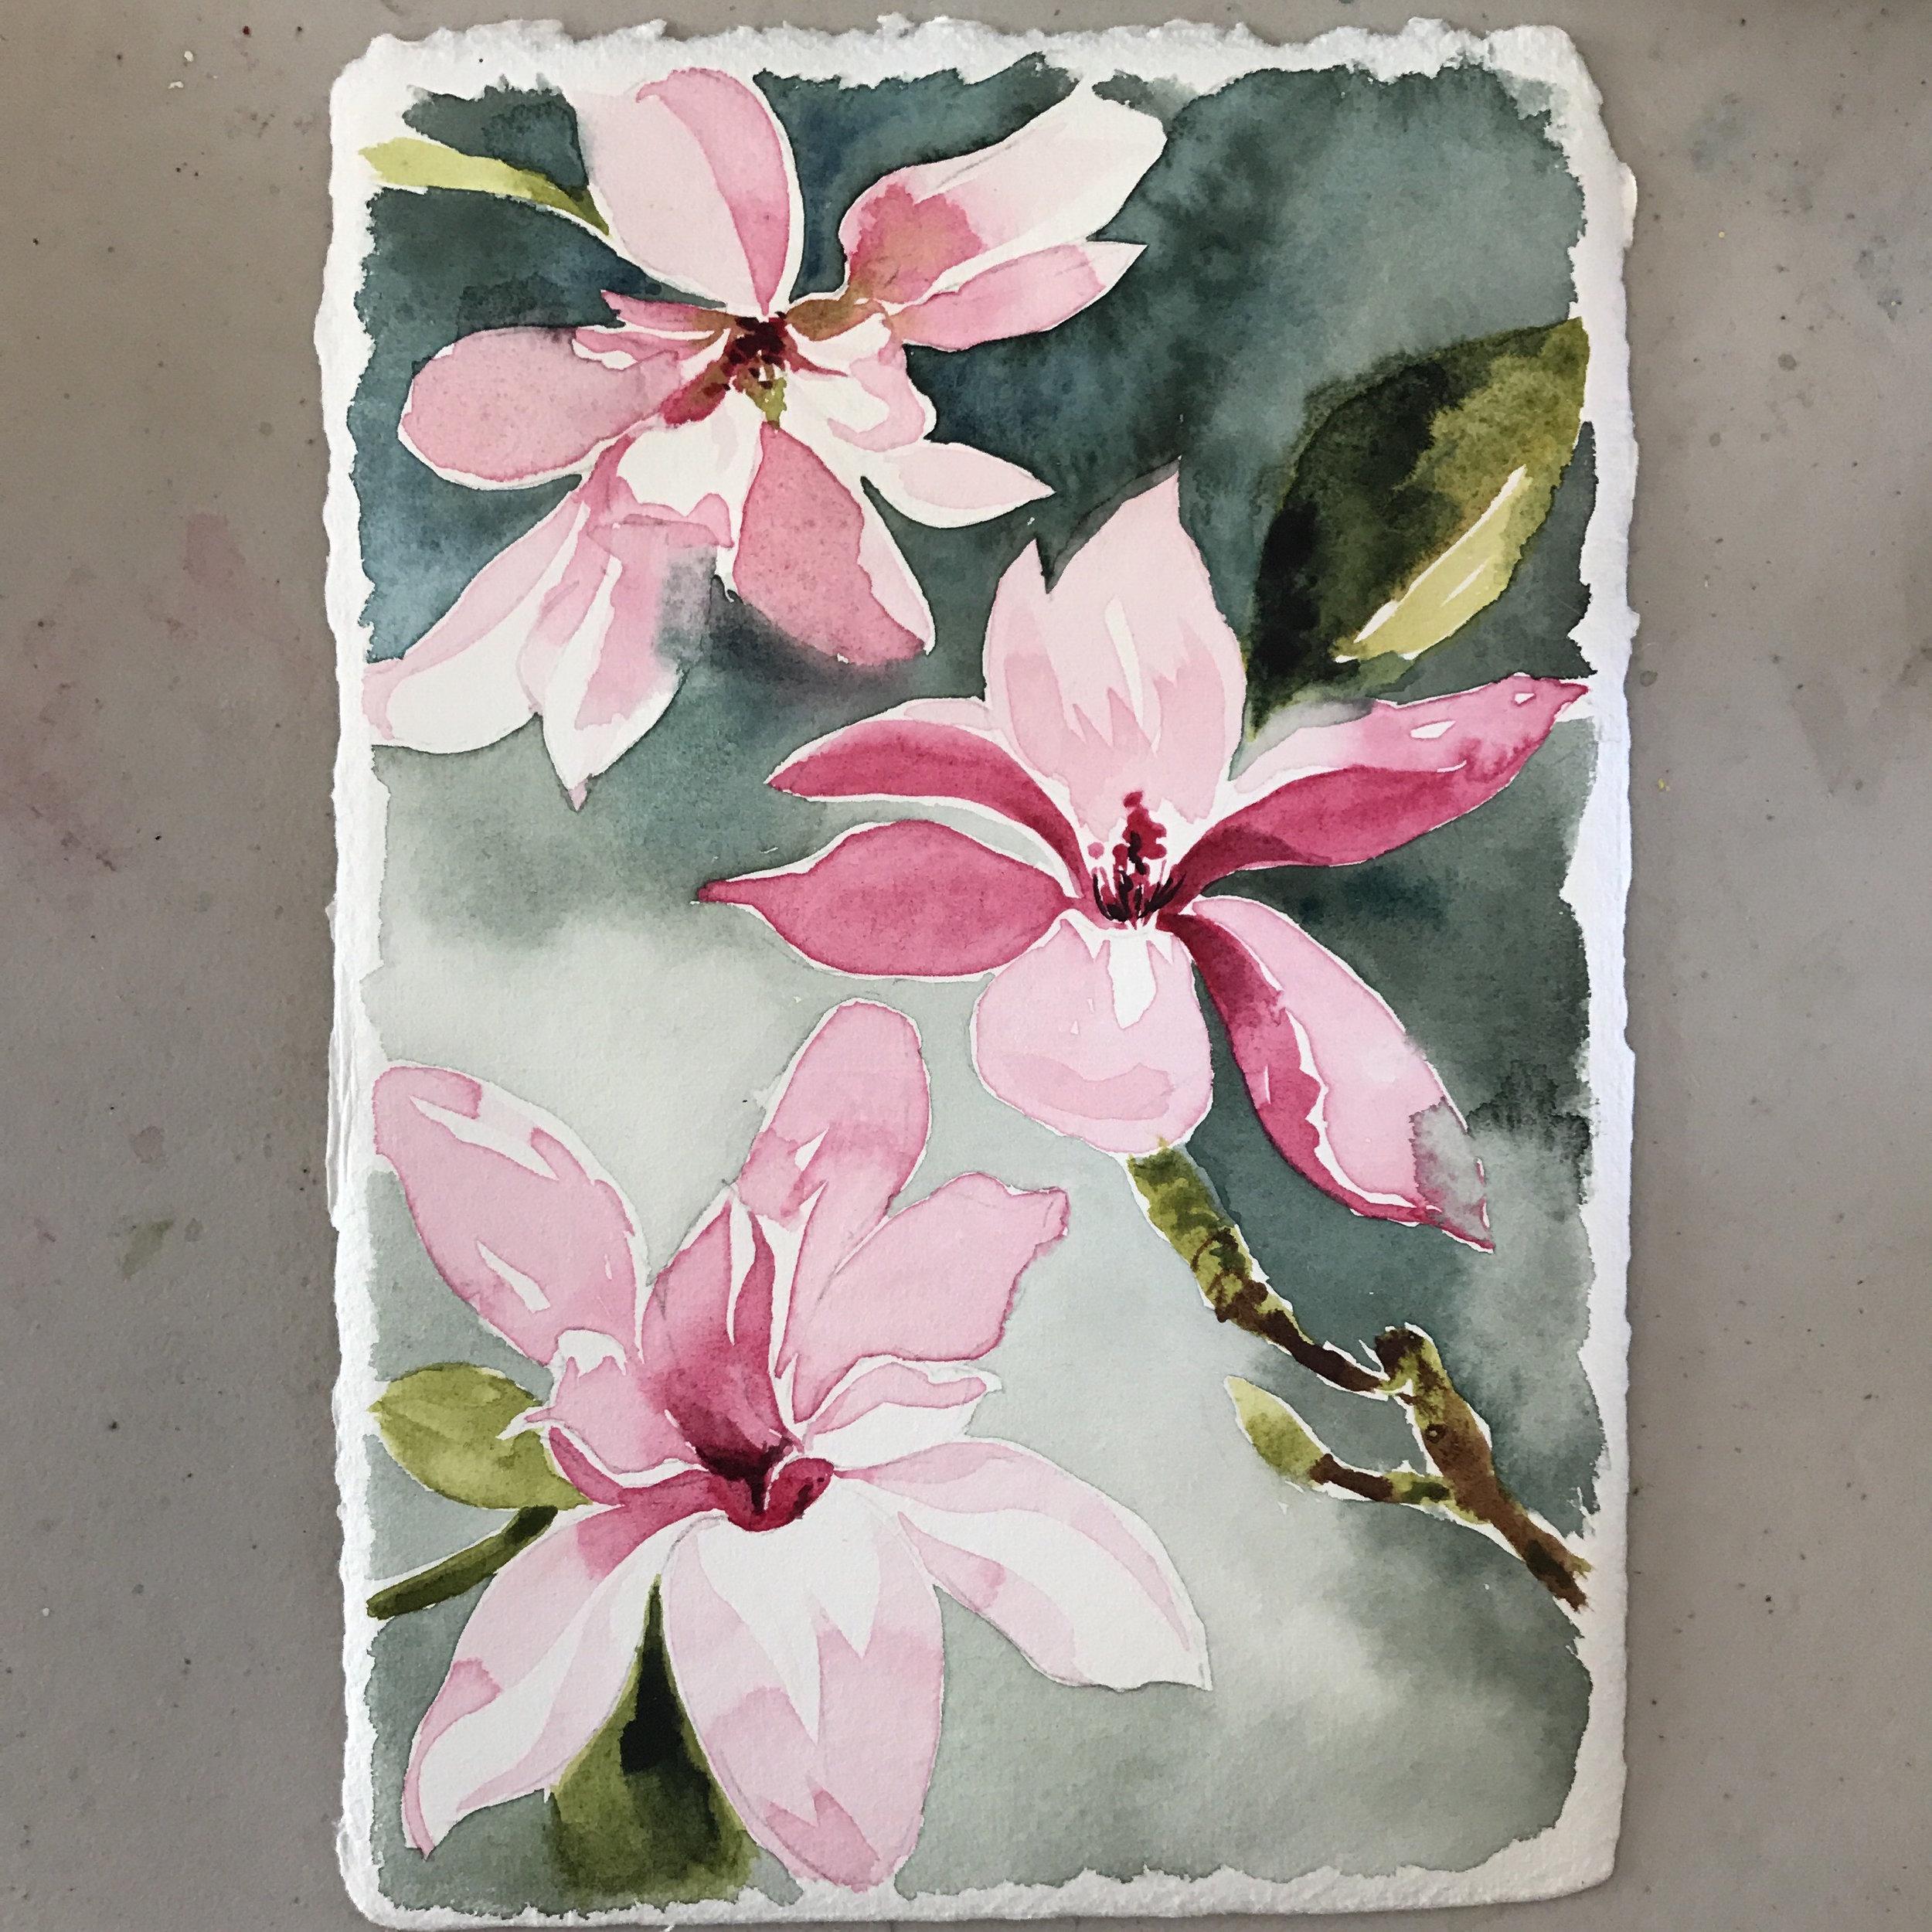 Magnolias from my neighbors yard